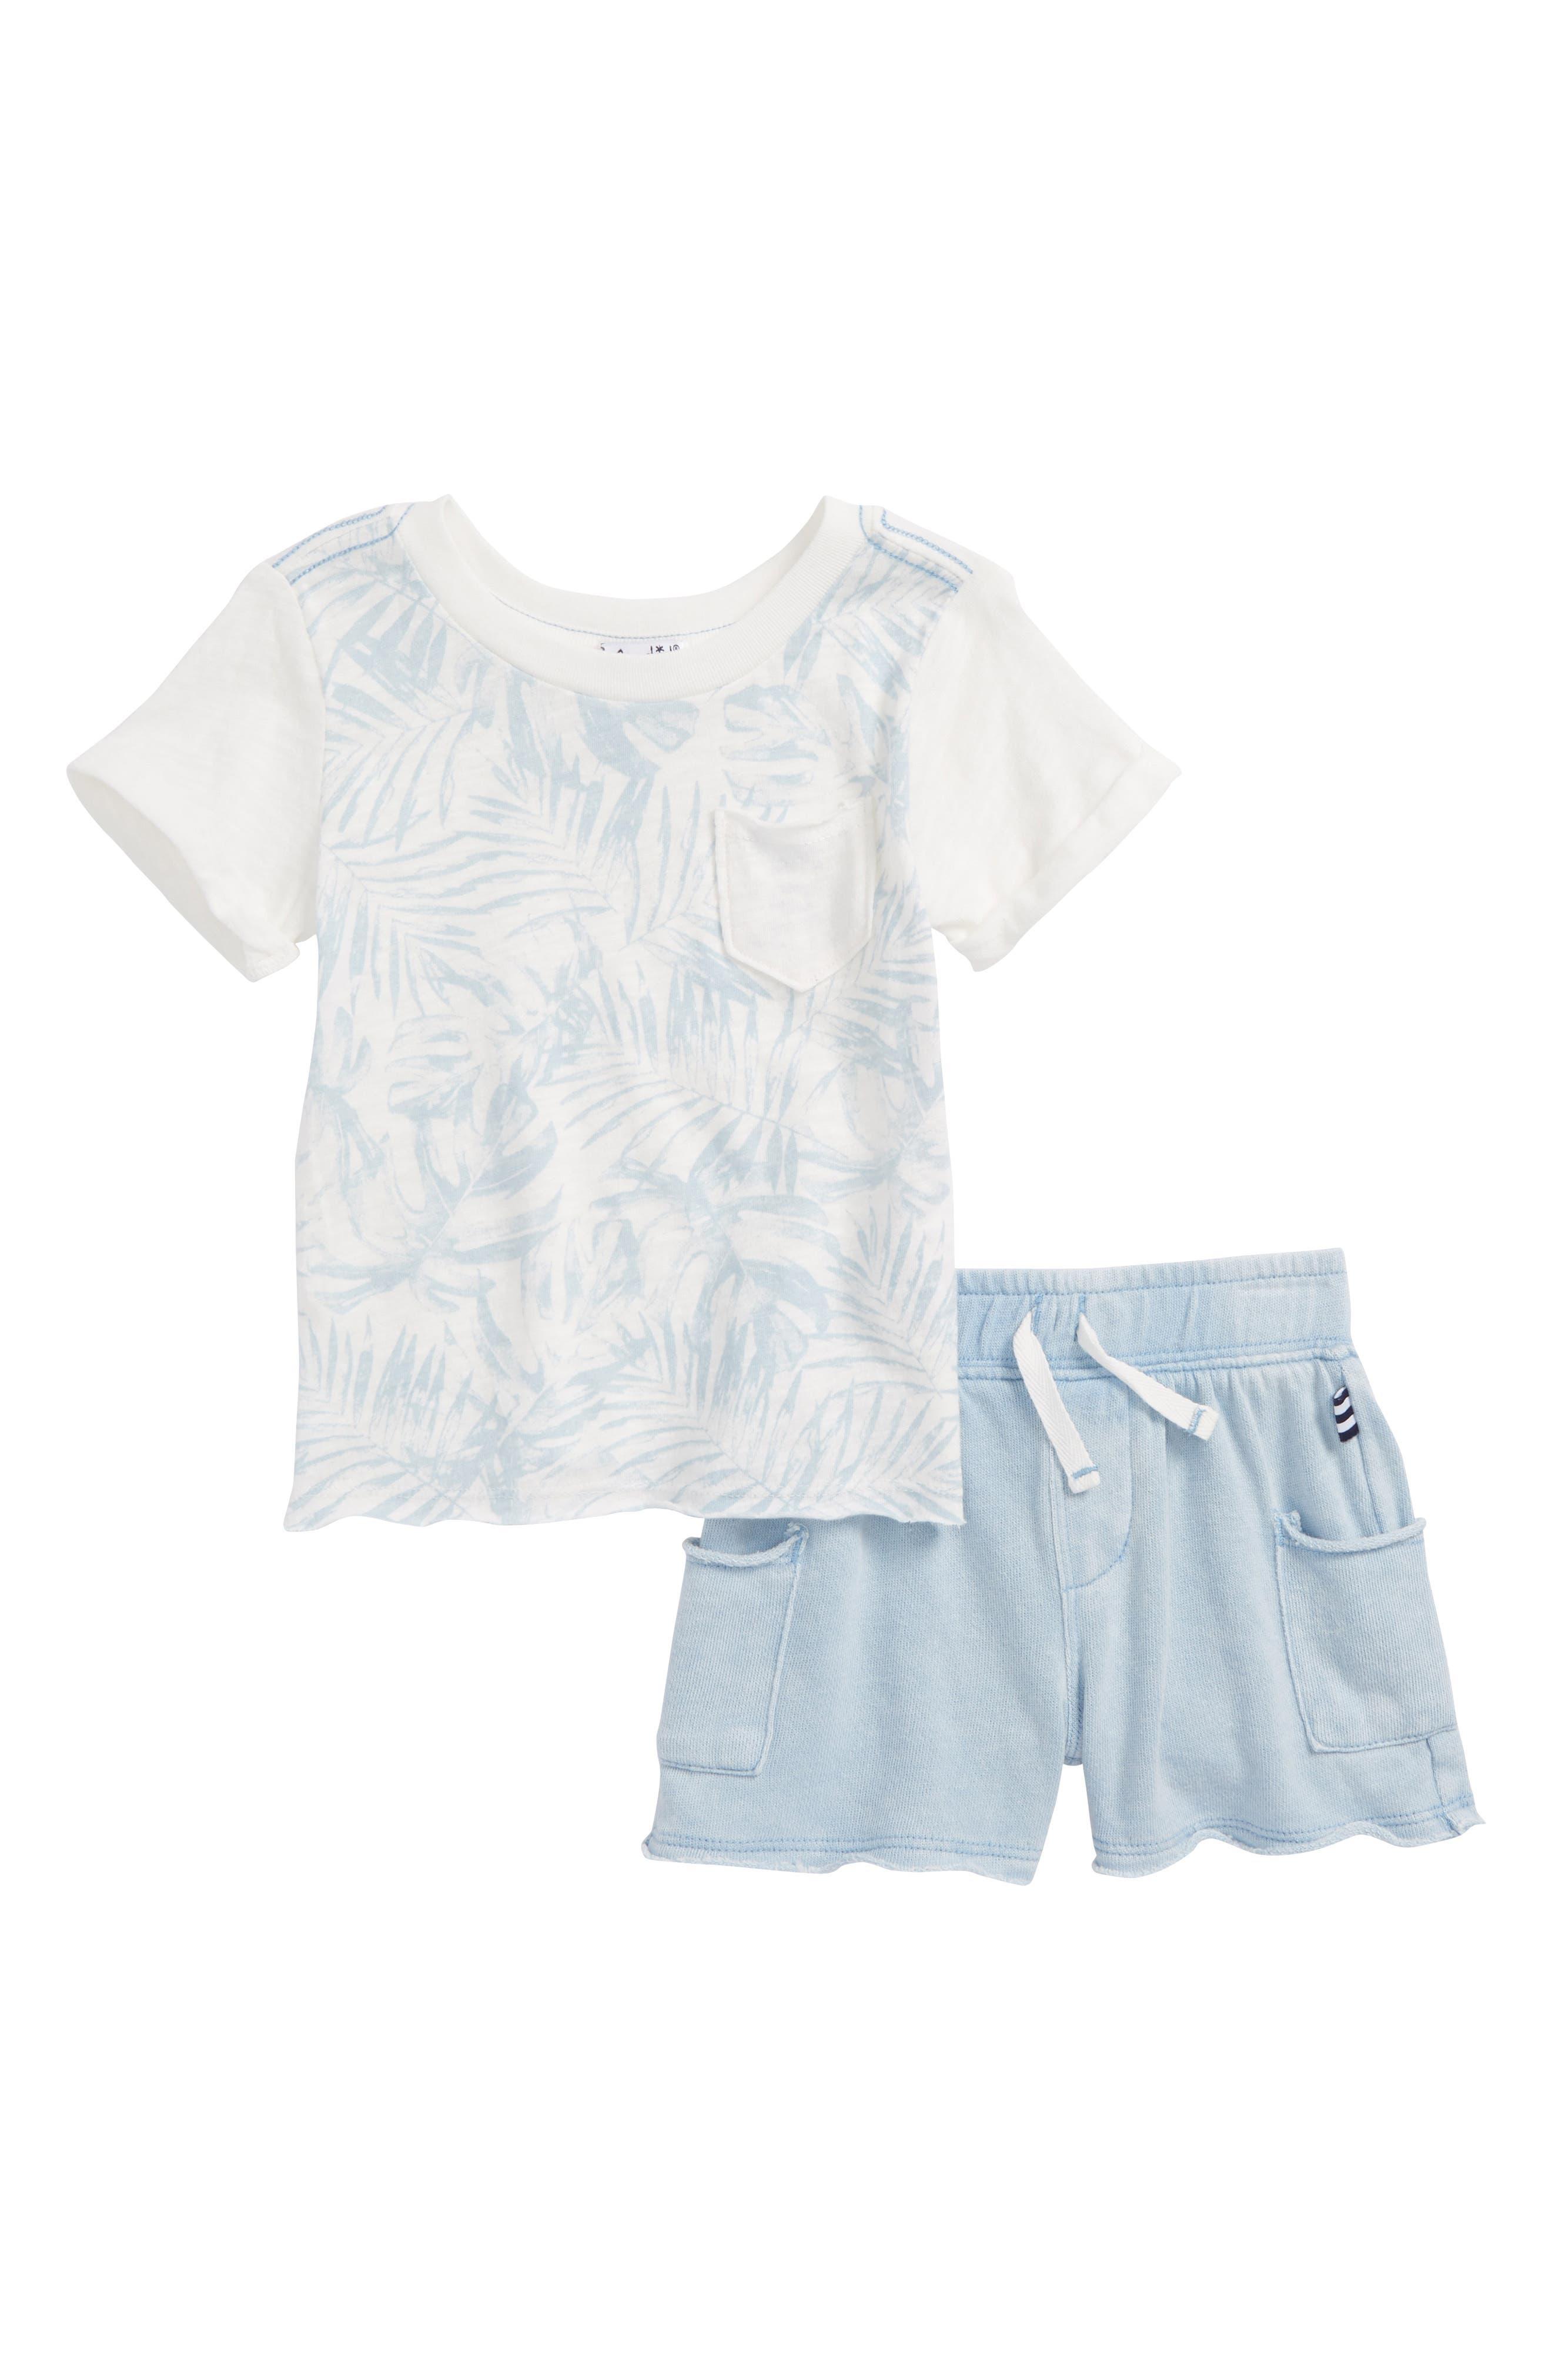 Pocket T-Shirt & Shorts Set,                         Main,                         color, 400